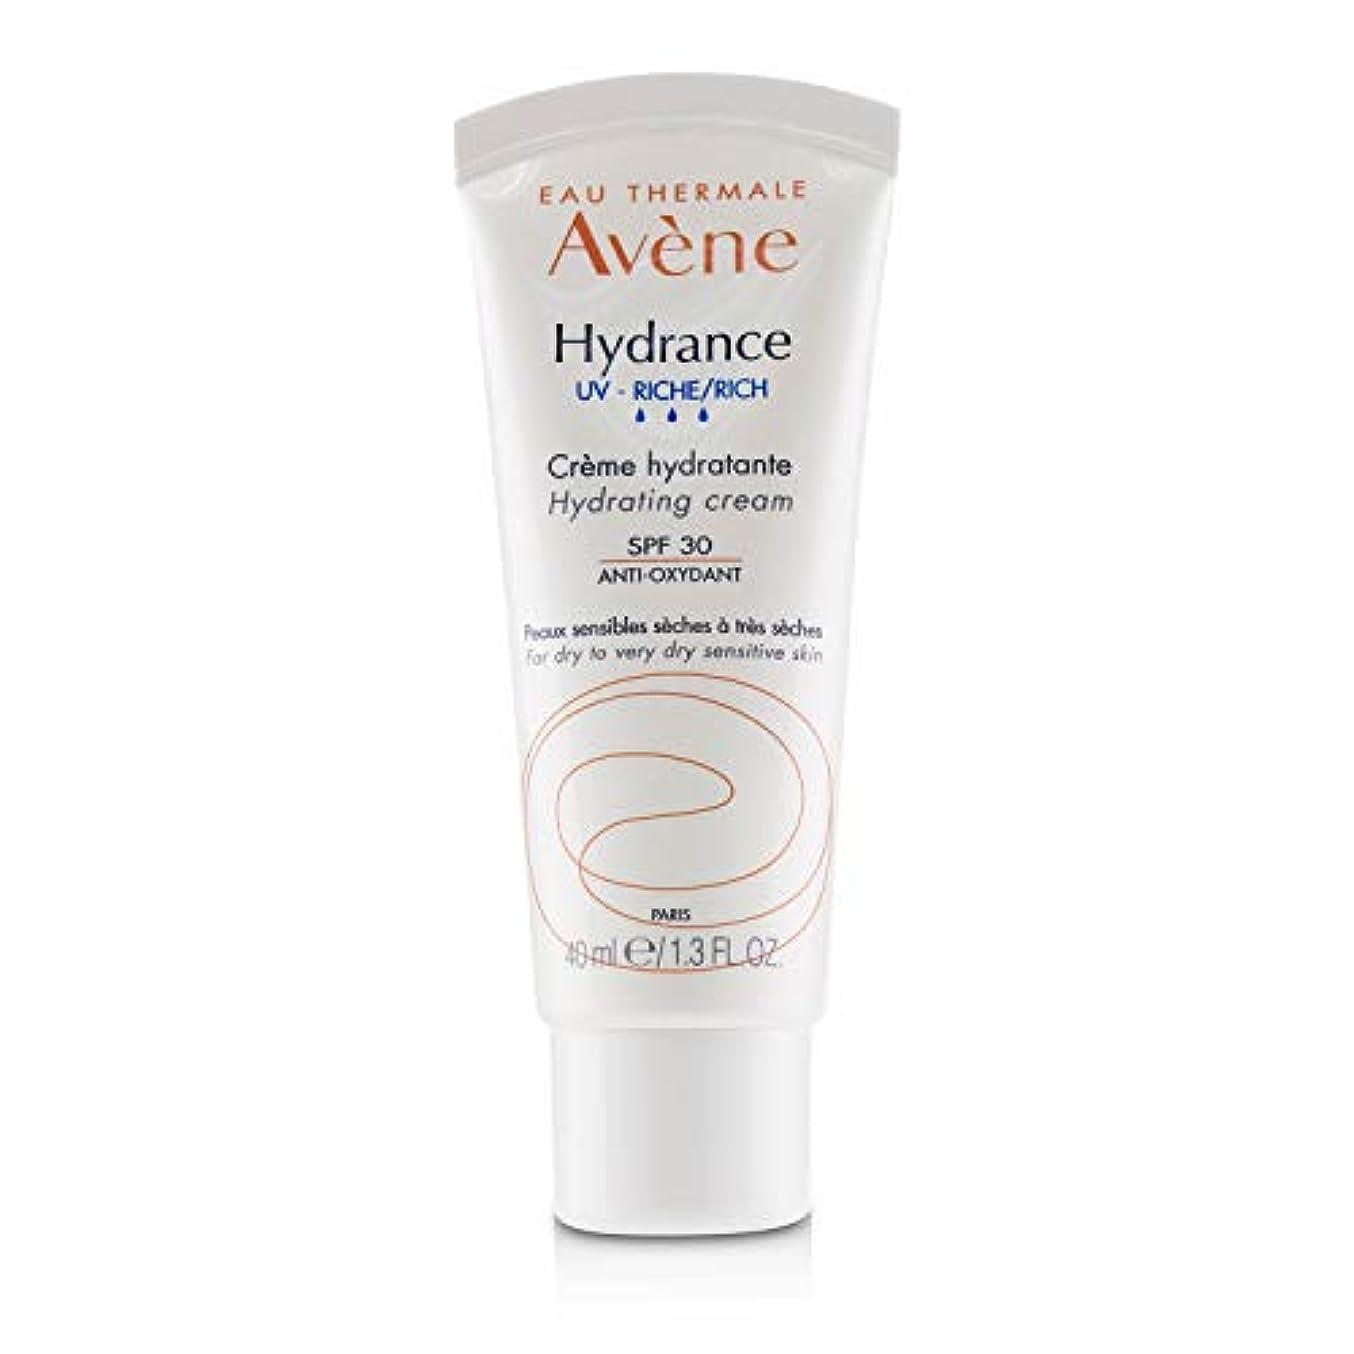 マークダウンメンタルパパアベンヌ Hydrance UV RICH Hydrating Cream SPF 30 - For Dry to Very Dry Sensitive Skin 40ml/1.3oz並行輸入品